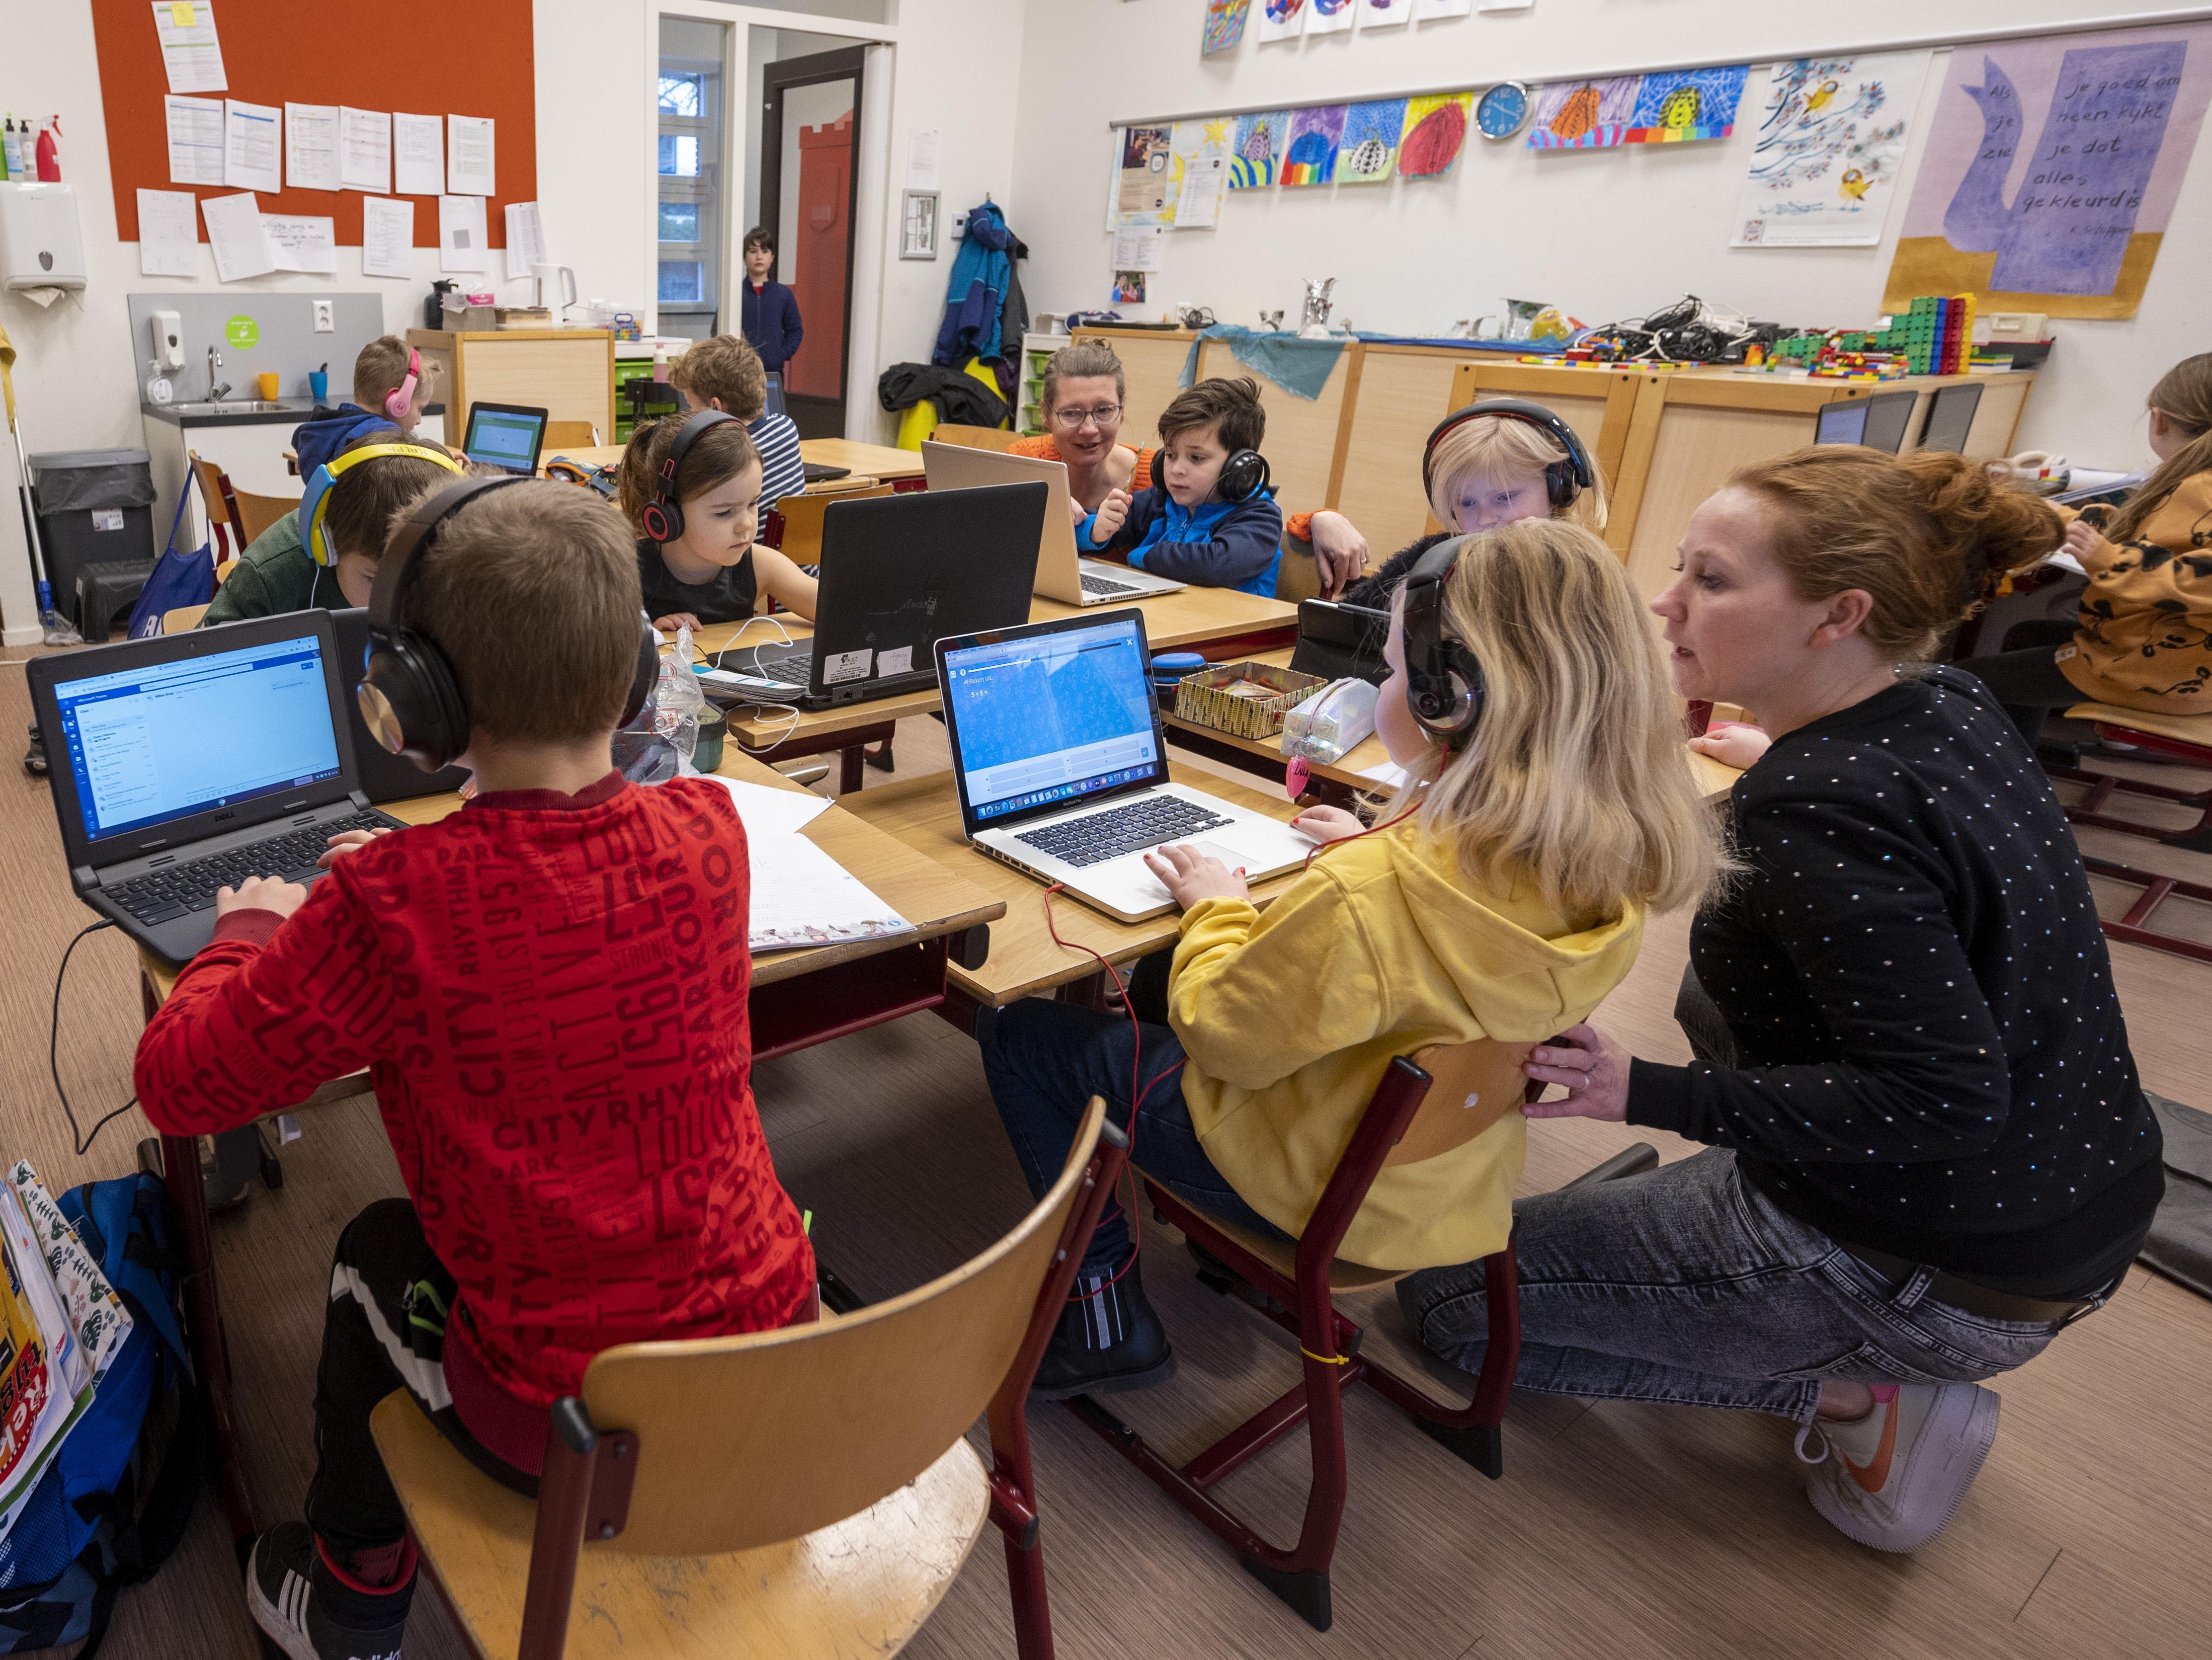 De druk op de noodopvang bij basisscholen neemt flink toe: 'De druk wordt alleen maar hoger, want ouders zitten steeds meer in de knel. We barsten net niet uit onze voegen'